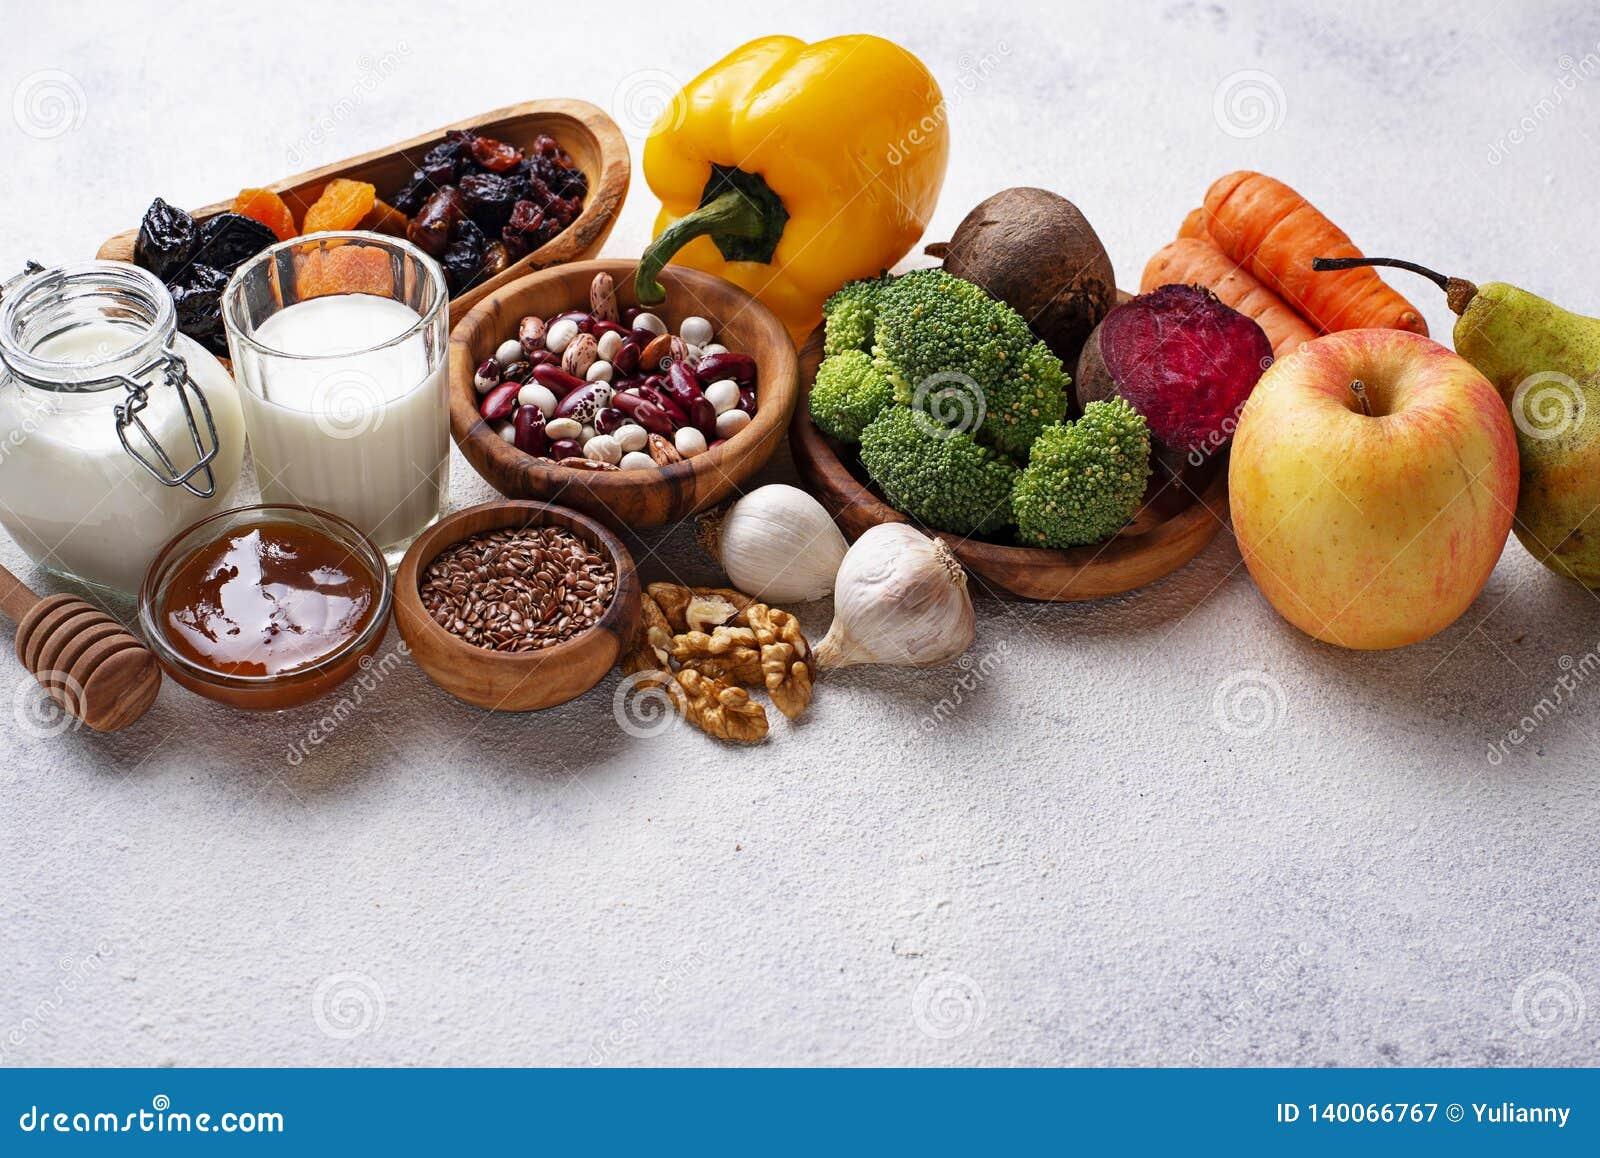 Προϊόντα για το υγιές έντερο Τρόφιμα για το έντερο